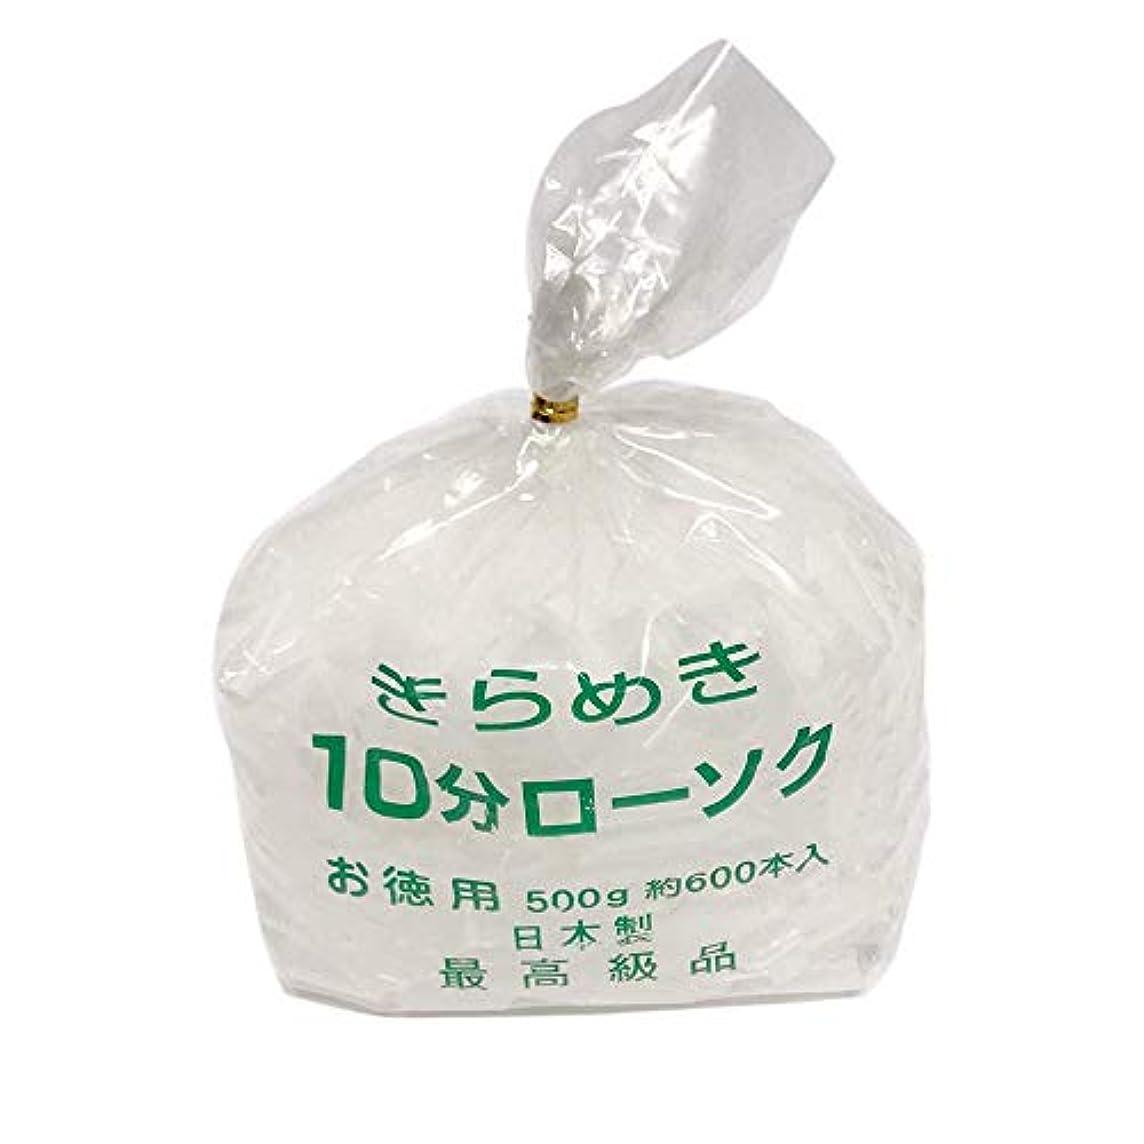 仲良し速報者東亜ローソク ミニロウソク きらめき お徳用袋入 5分?10分 (10分ローソク1袋)